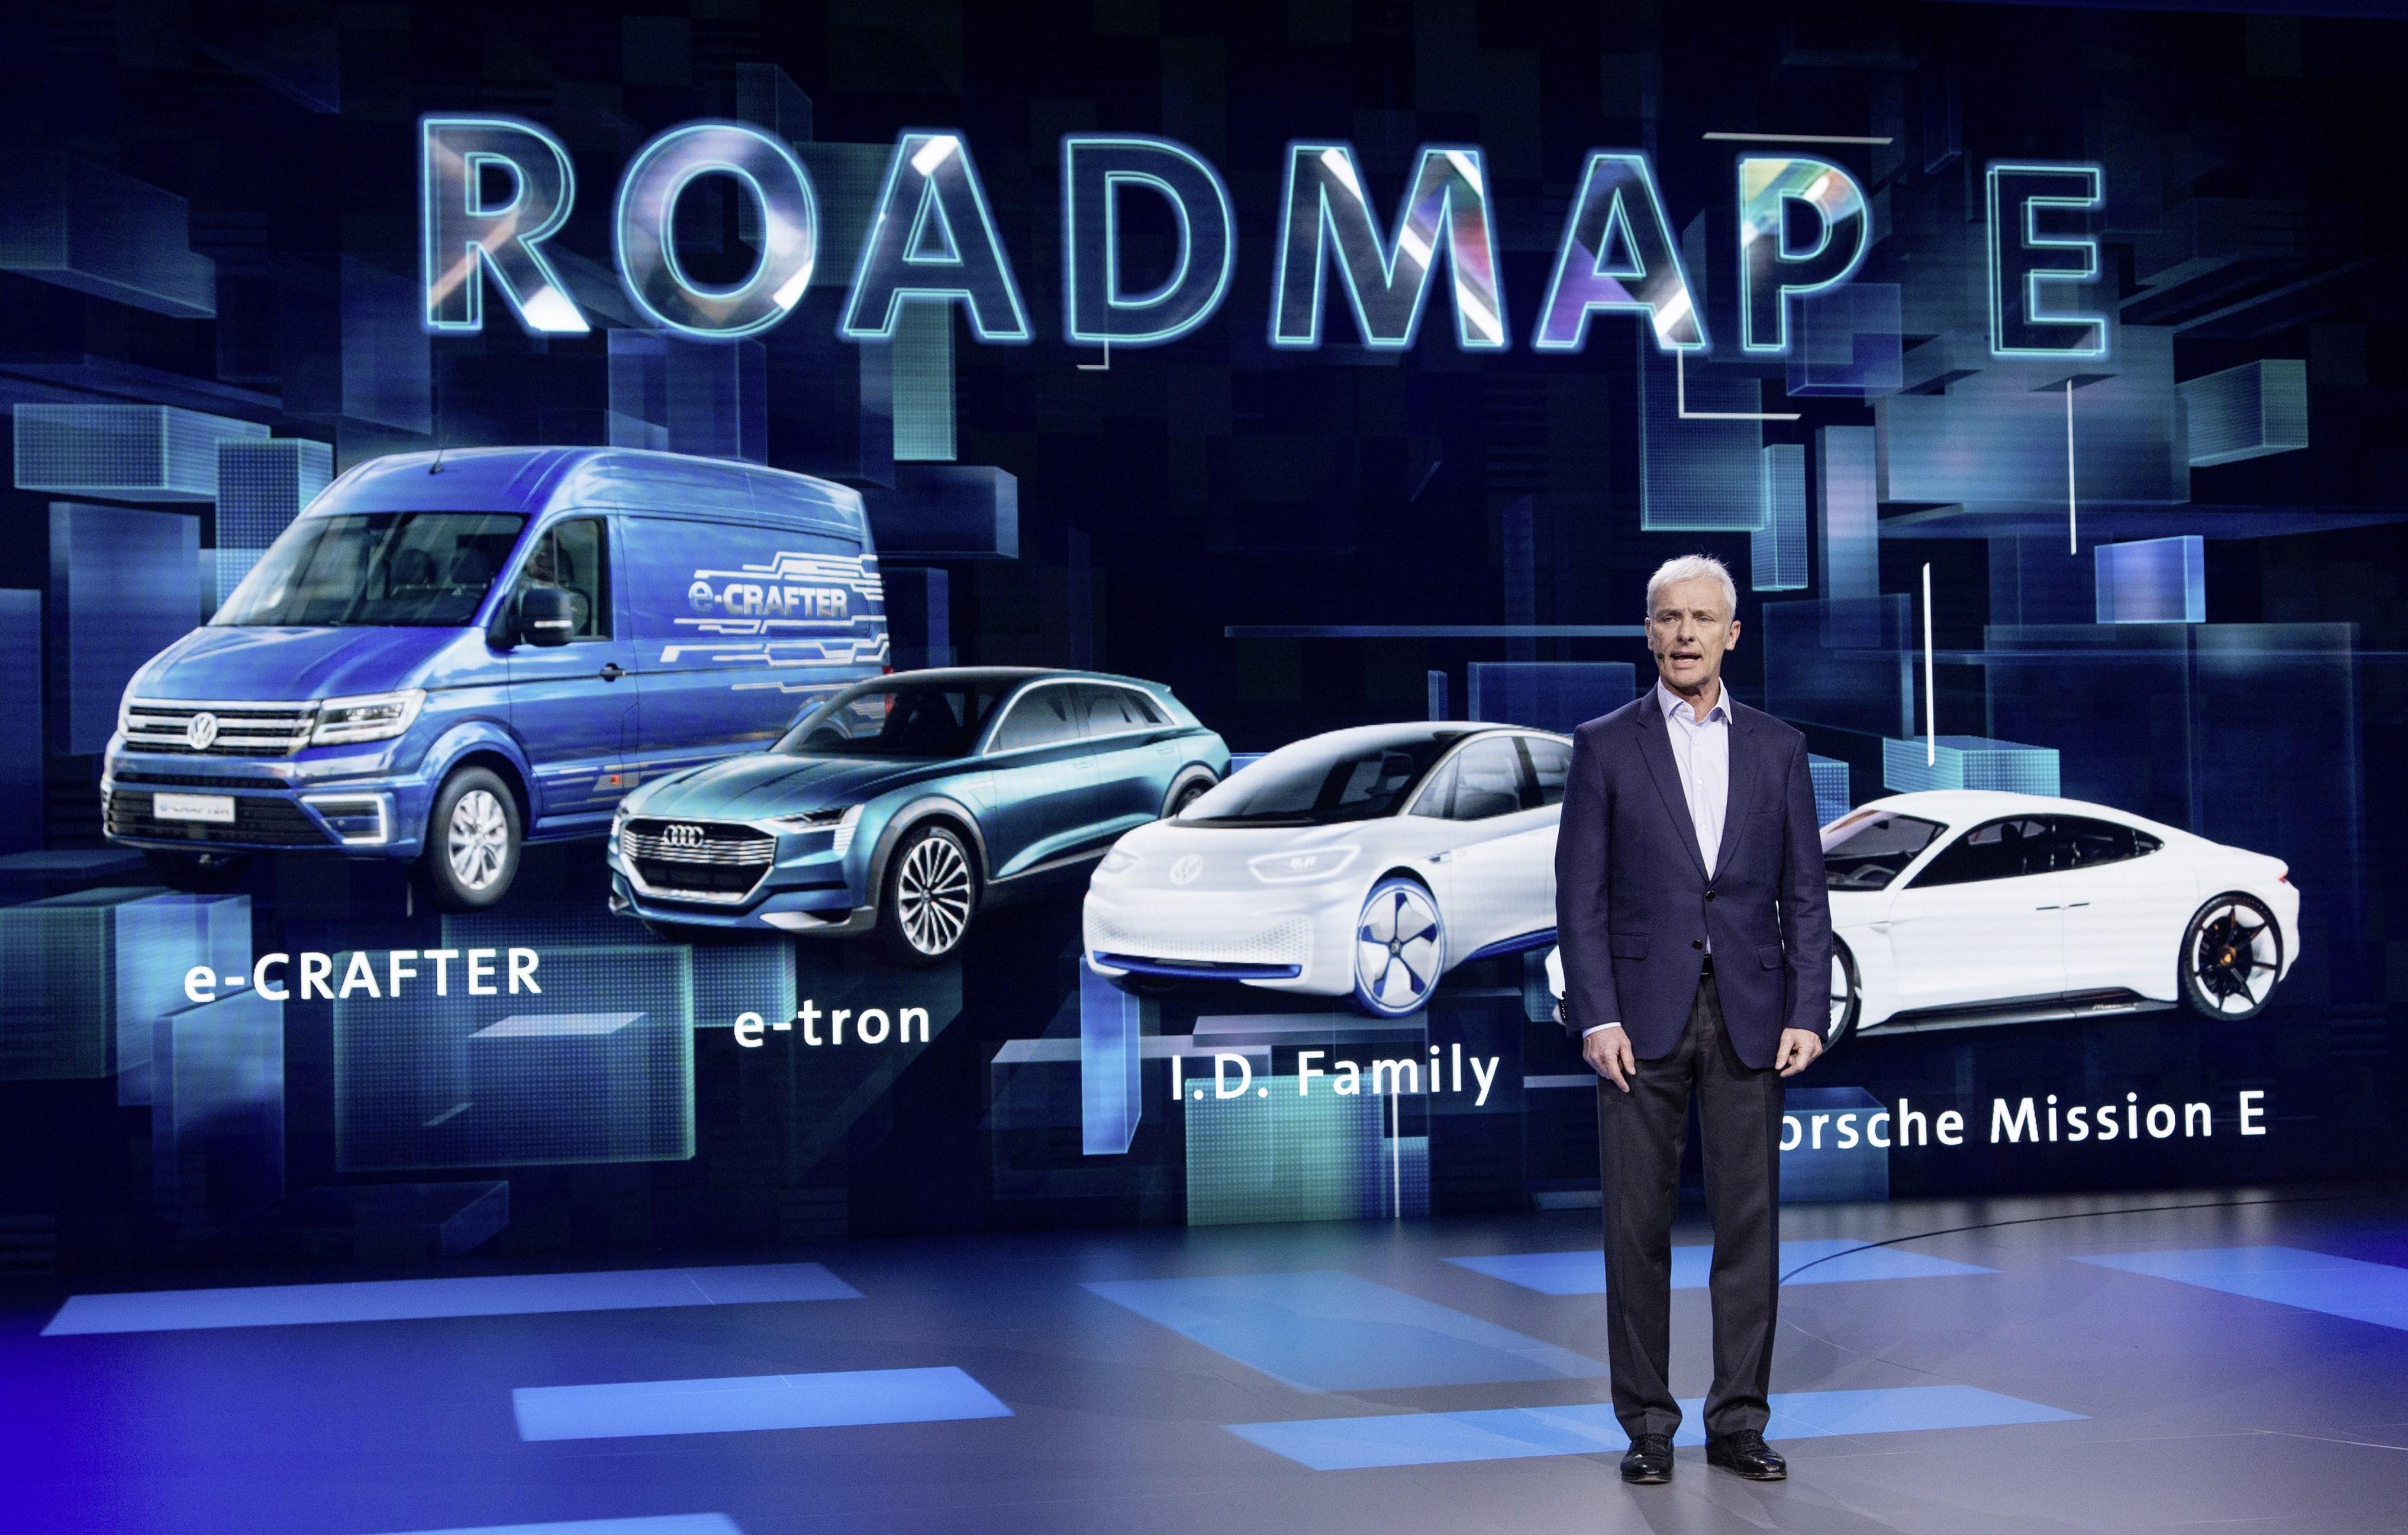 穆伦:大众今年推11款新电动车 到2022年向未来出行投340亿欧